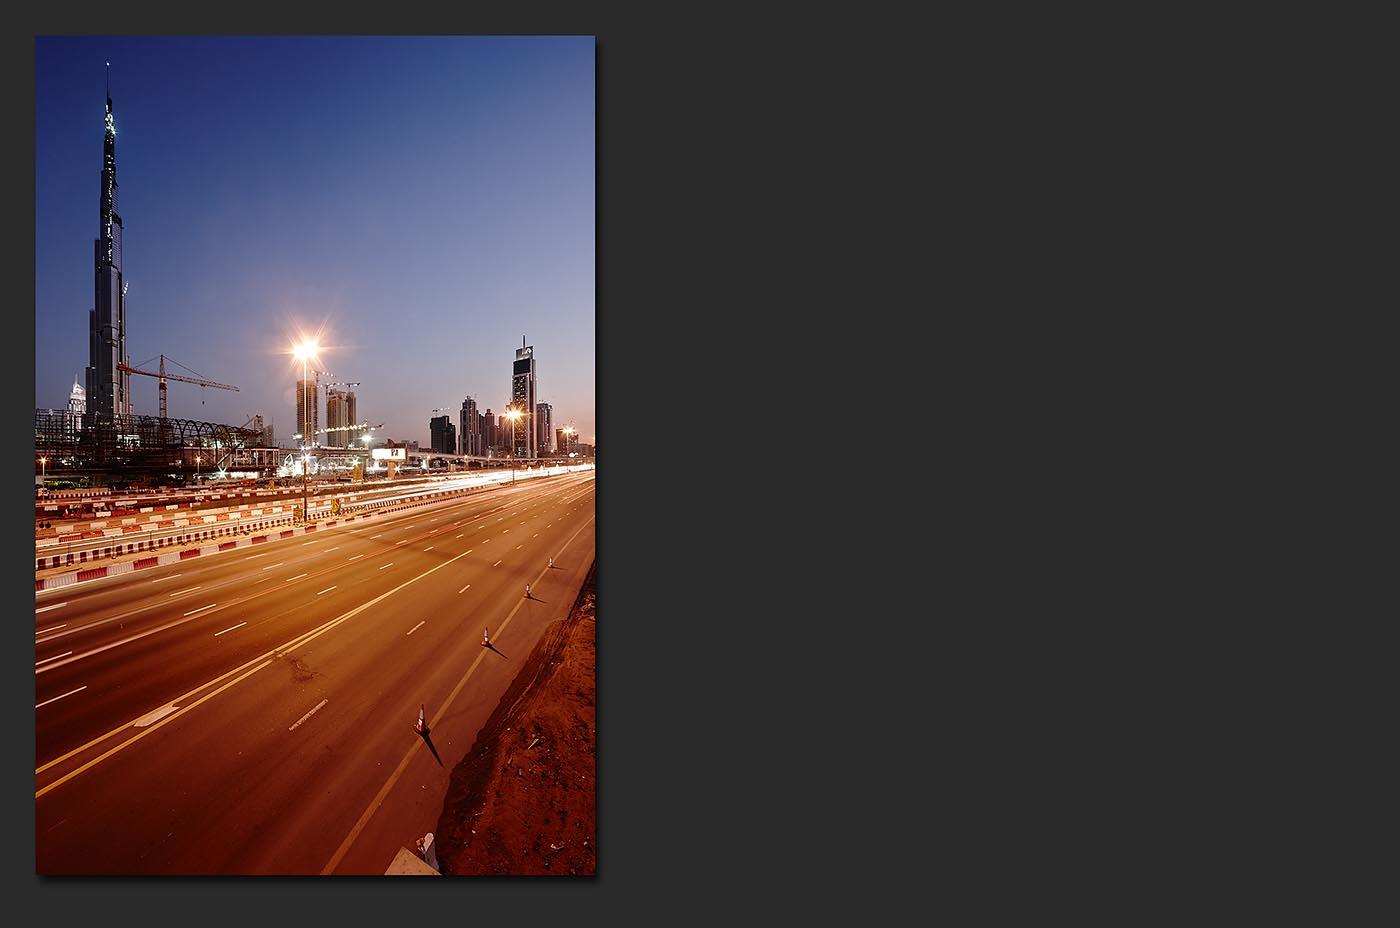 Dubai, U.A.E. 2009